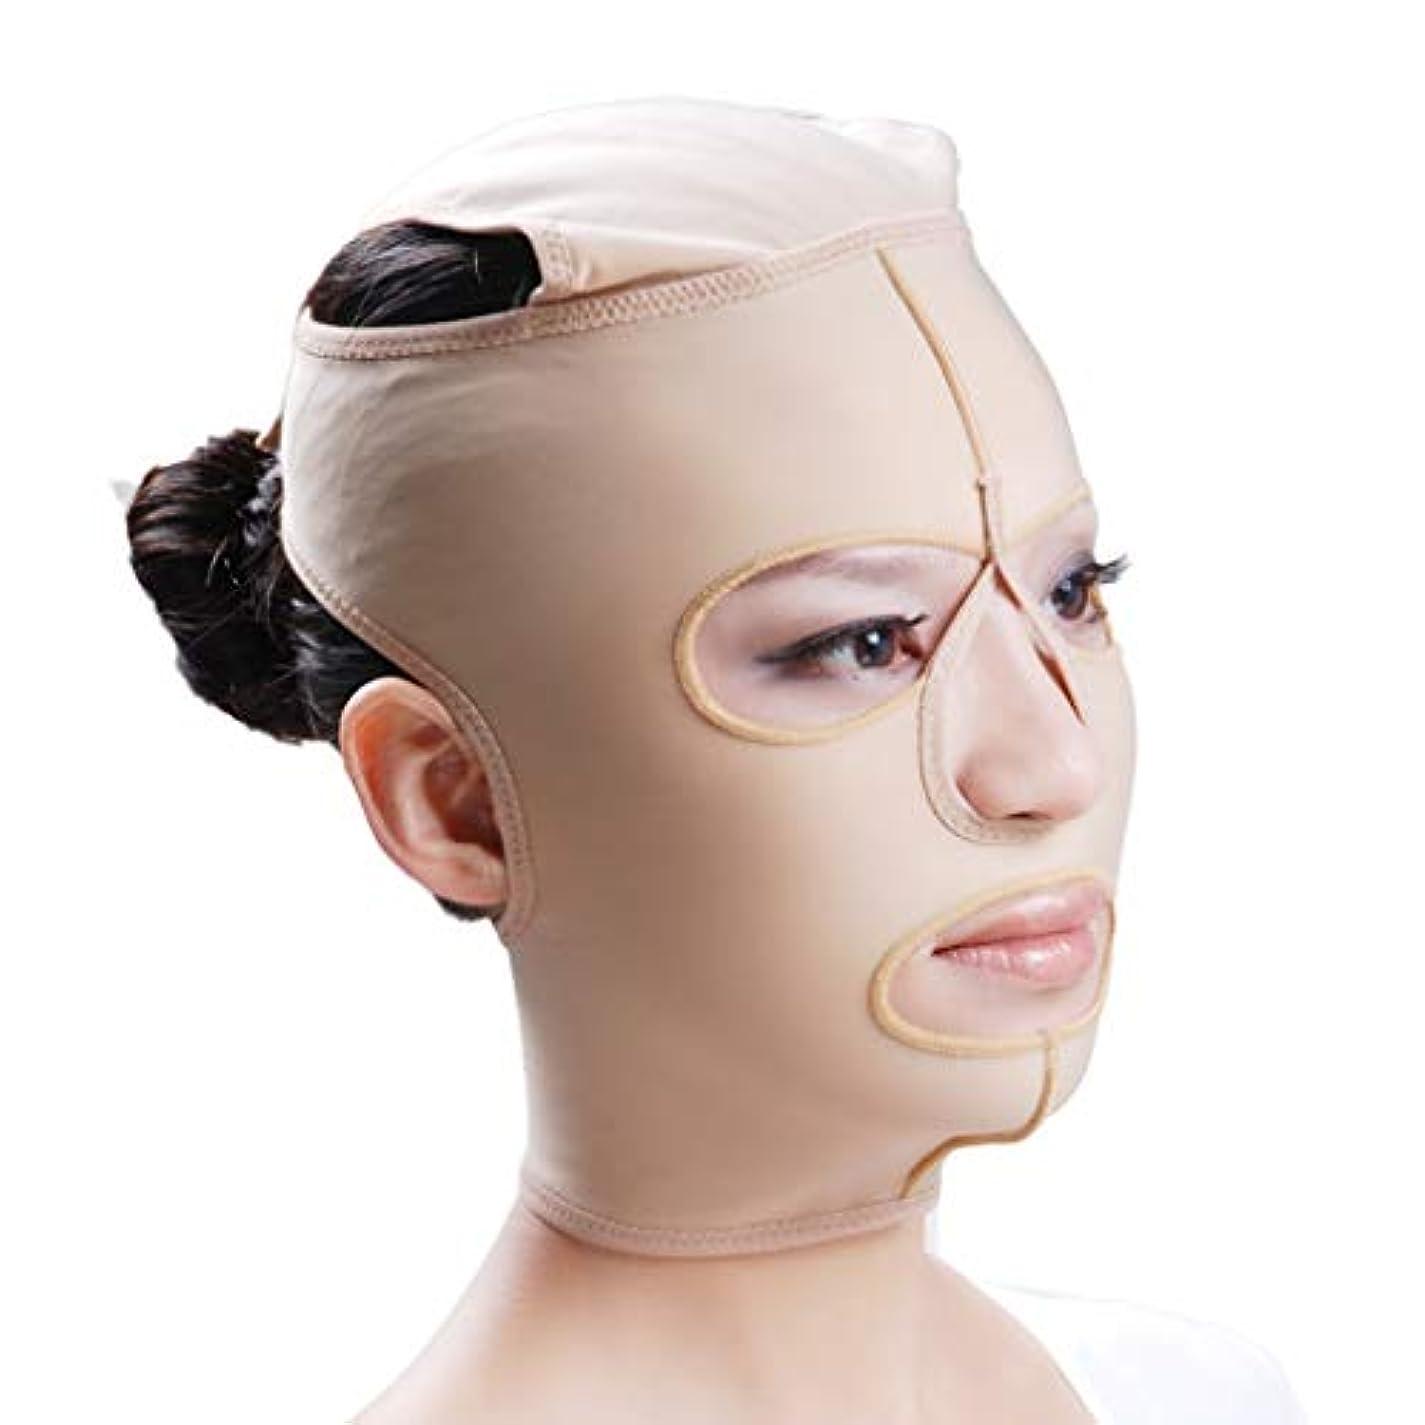 ふさわしい一晩頼るLJK フェイスリフトマスク、フルフェイスマスク医療グレード圧力フェイスダブルチンプラスチック脂肪吸引術弾性包帯ヘッドギア後の顔の脂肪吸引術 (Size : M)